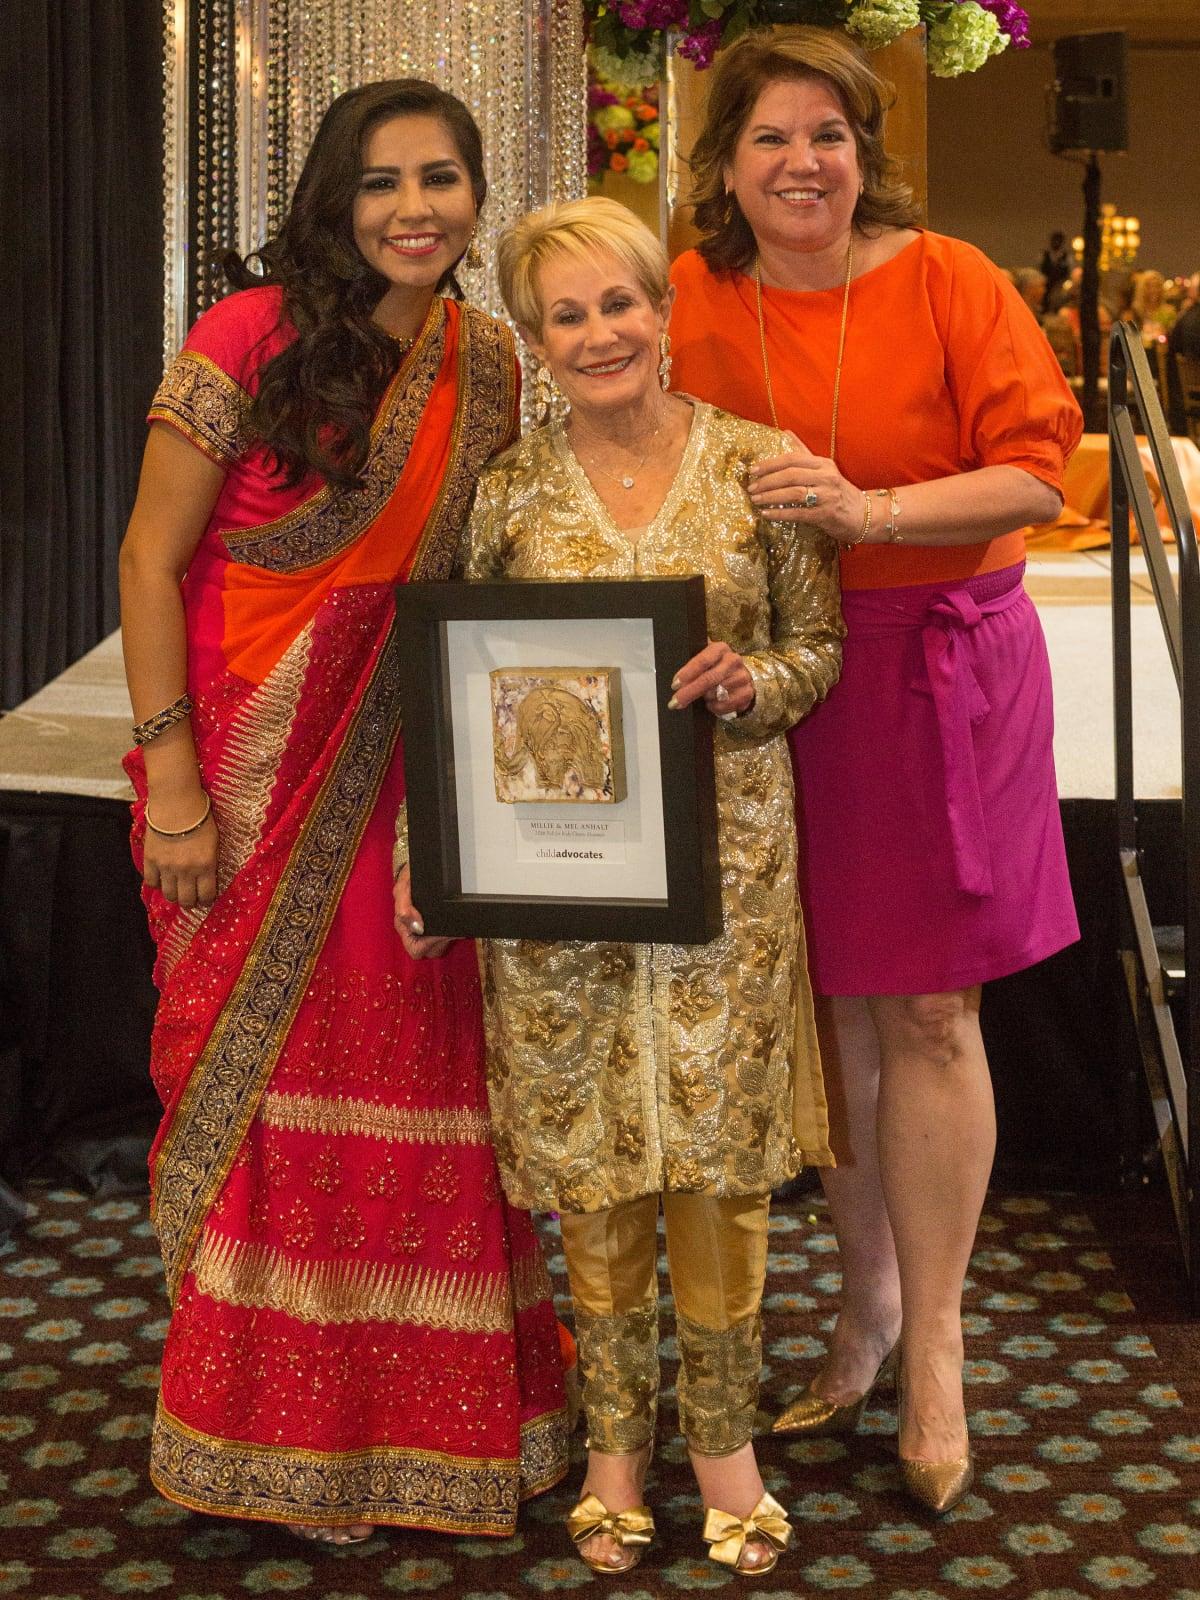 Child Advocates gala 5/16,  Mercy, Millie Anhalt, Sonya Galvan